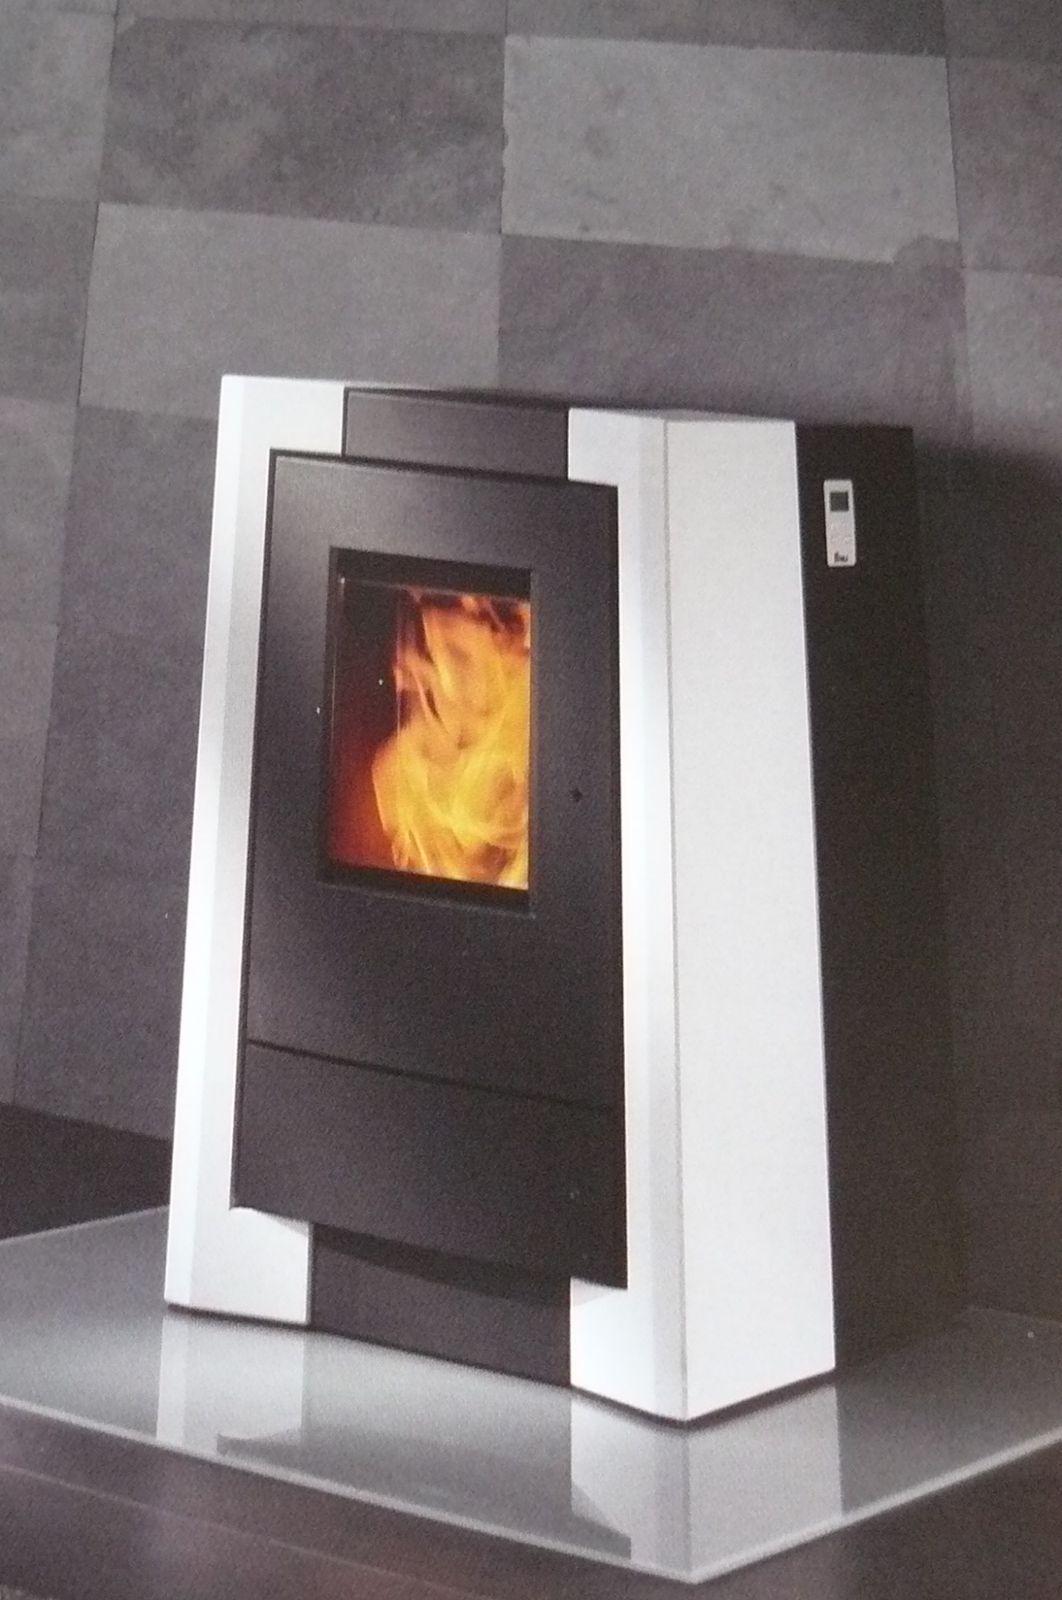 choix du chauffage po le granul s notre projet de. Black Bedroom Furniture Sets. Home Design Ideas